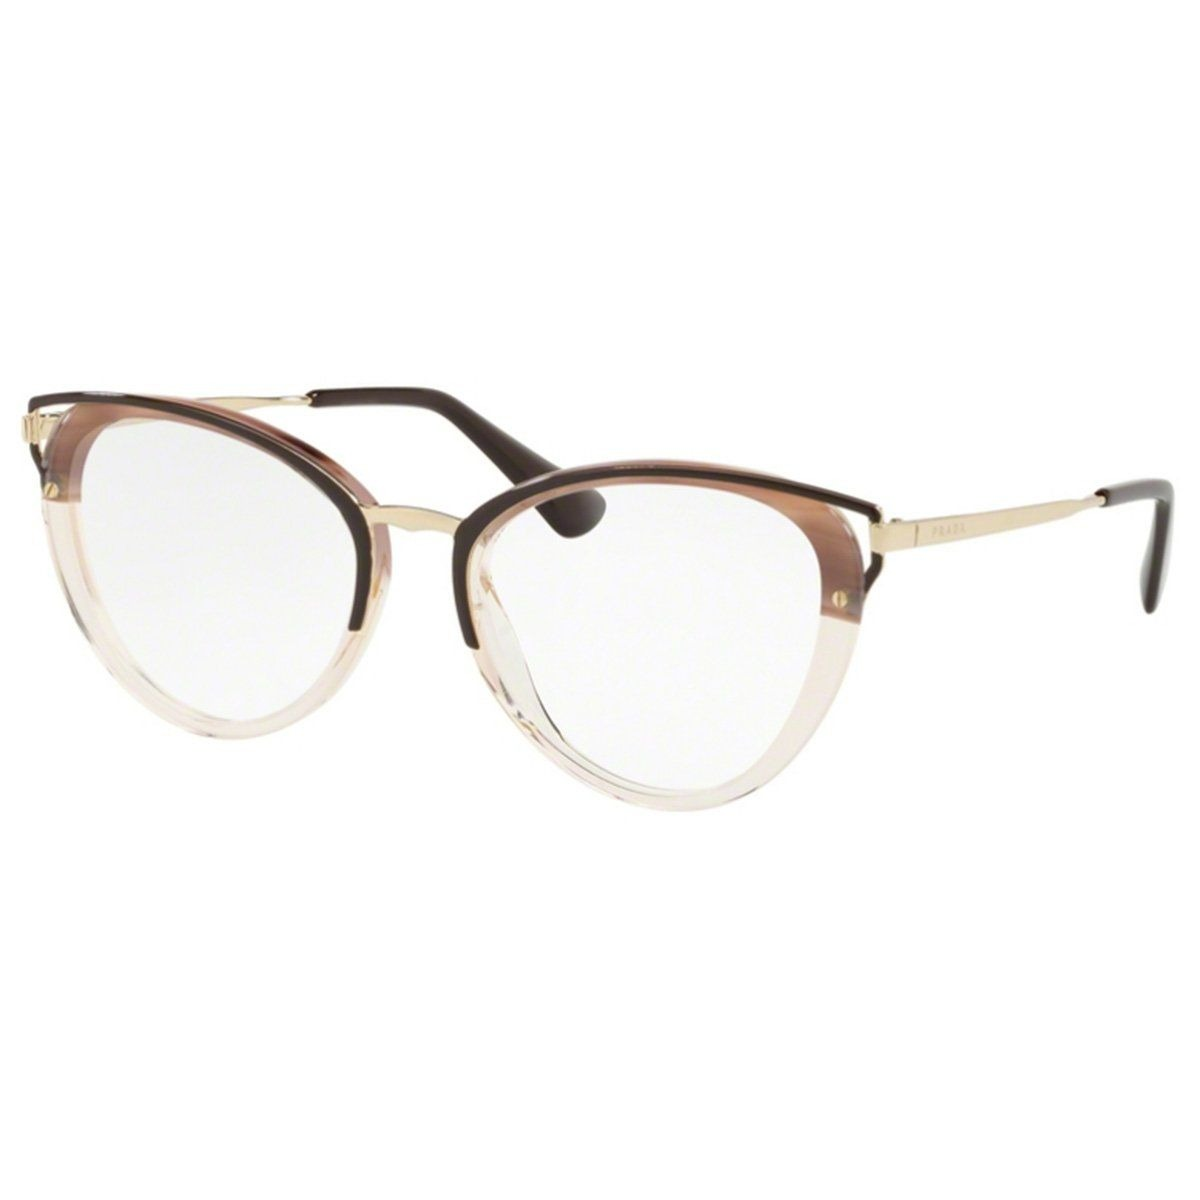 Armação Óculos De Grau Feminino Prada Vpr53u Mru-101 - R  959,00 em ... ba211bda9d